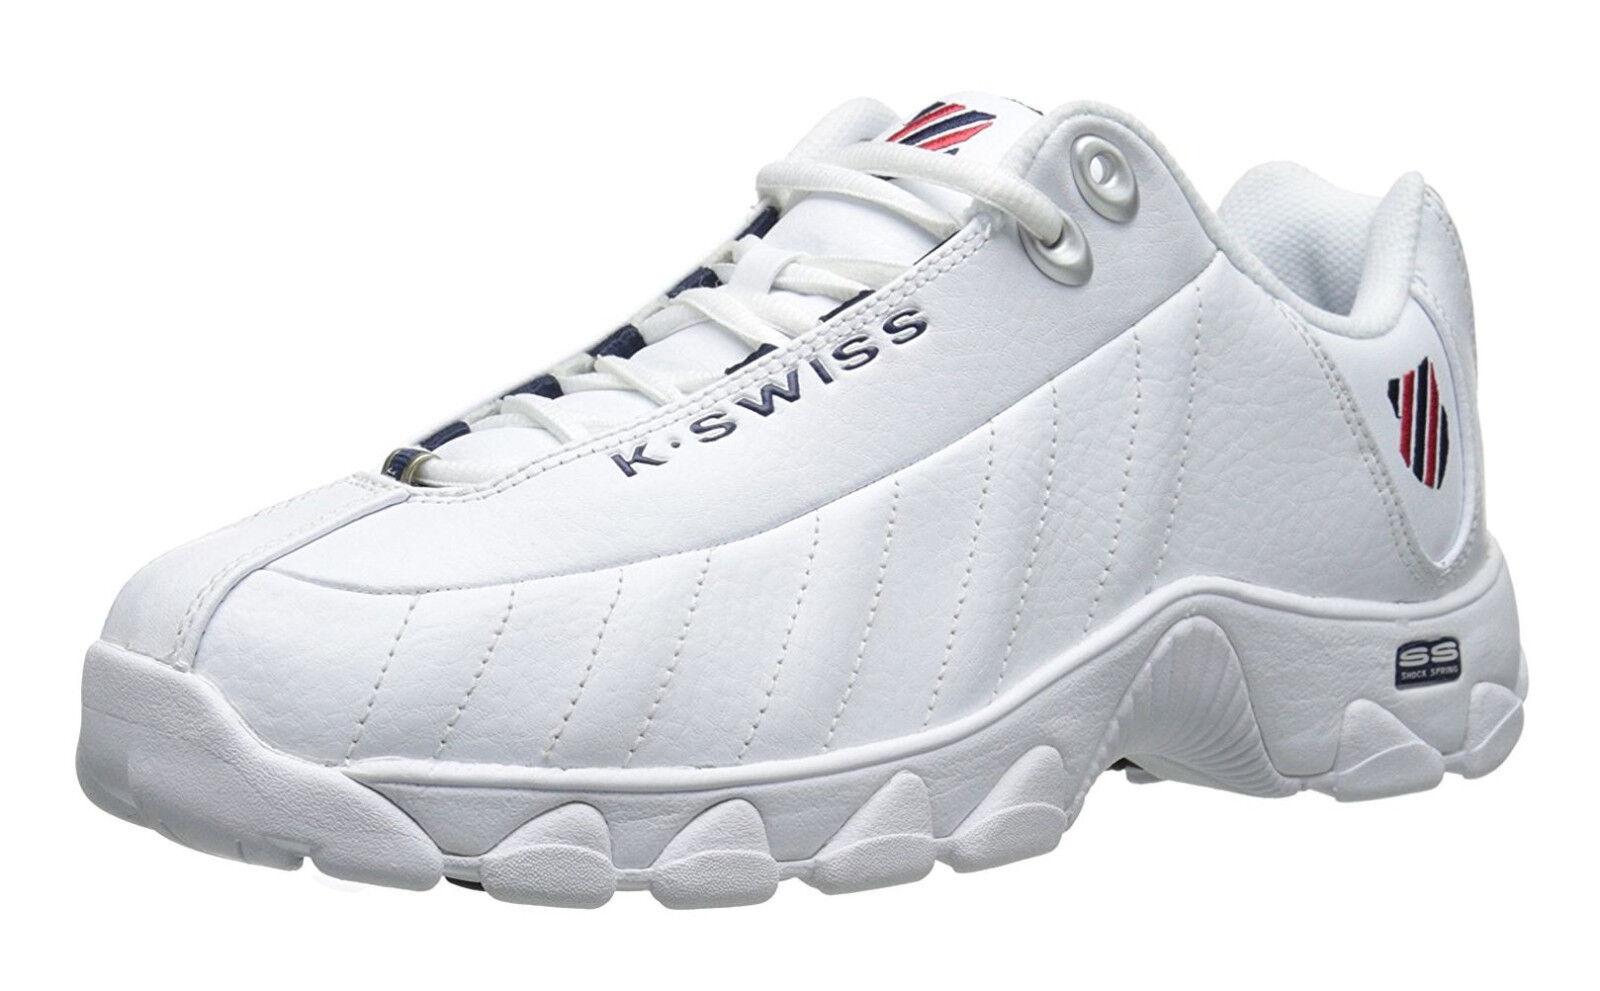 K-Swiss ST329 CMF blancoo, Azul Marino, Rojo Zapatos tenis de entrenamiento para hombre 03426-130-M